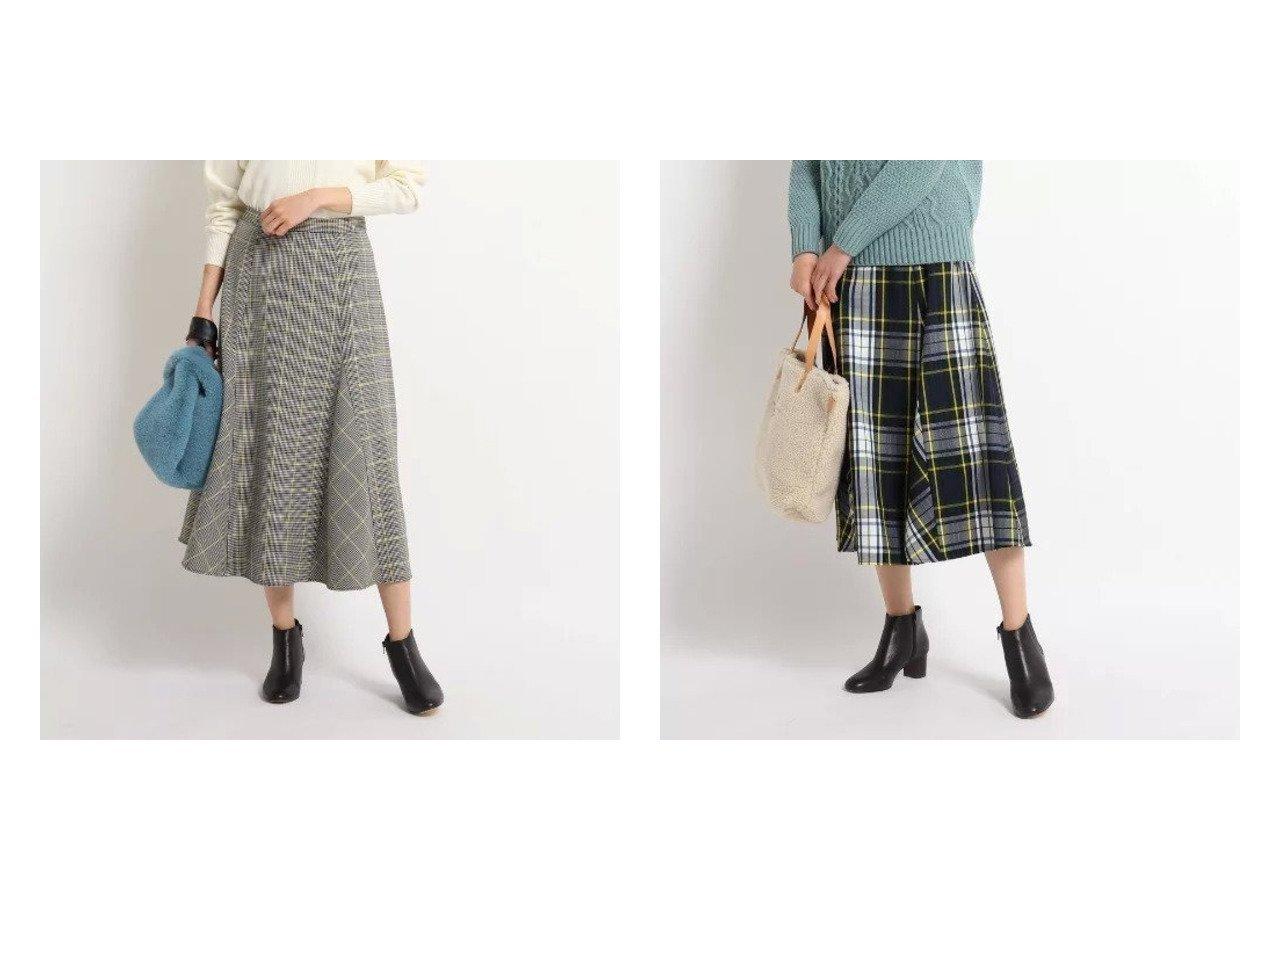 【Dessin/デッサン】の【XS〜Lサイズあり・洗える】フレアースカート スカートのおすすめ!人気、レディースファッションの通販 おすすめで人気のファッション通販商品 インテリア・家具・キッズファッション・メンズファッション・レディースファッション・服の通販 founy(ファニー) https://founy.com/ ファッション Fashion レディース WOMEN スカート Skirt ショート チェック トレンド フレア フレアースカート ポケット ラップ  ID:crp329100000005320